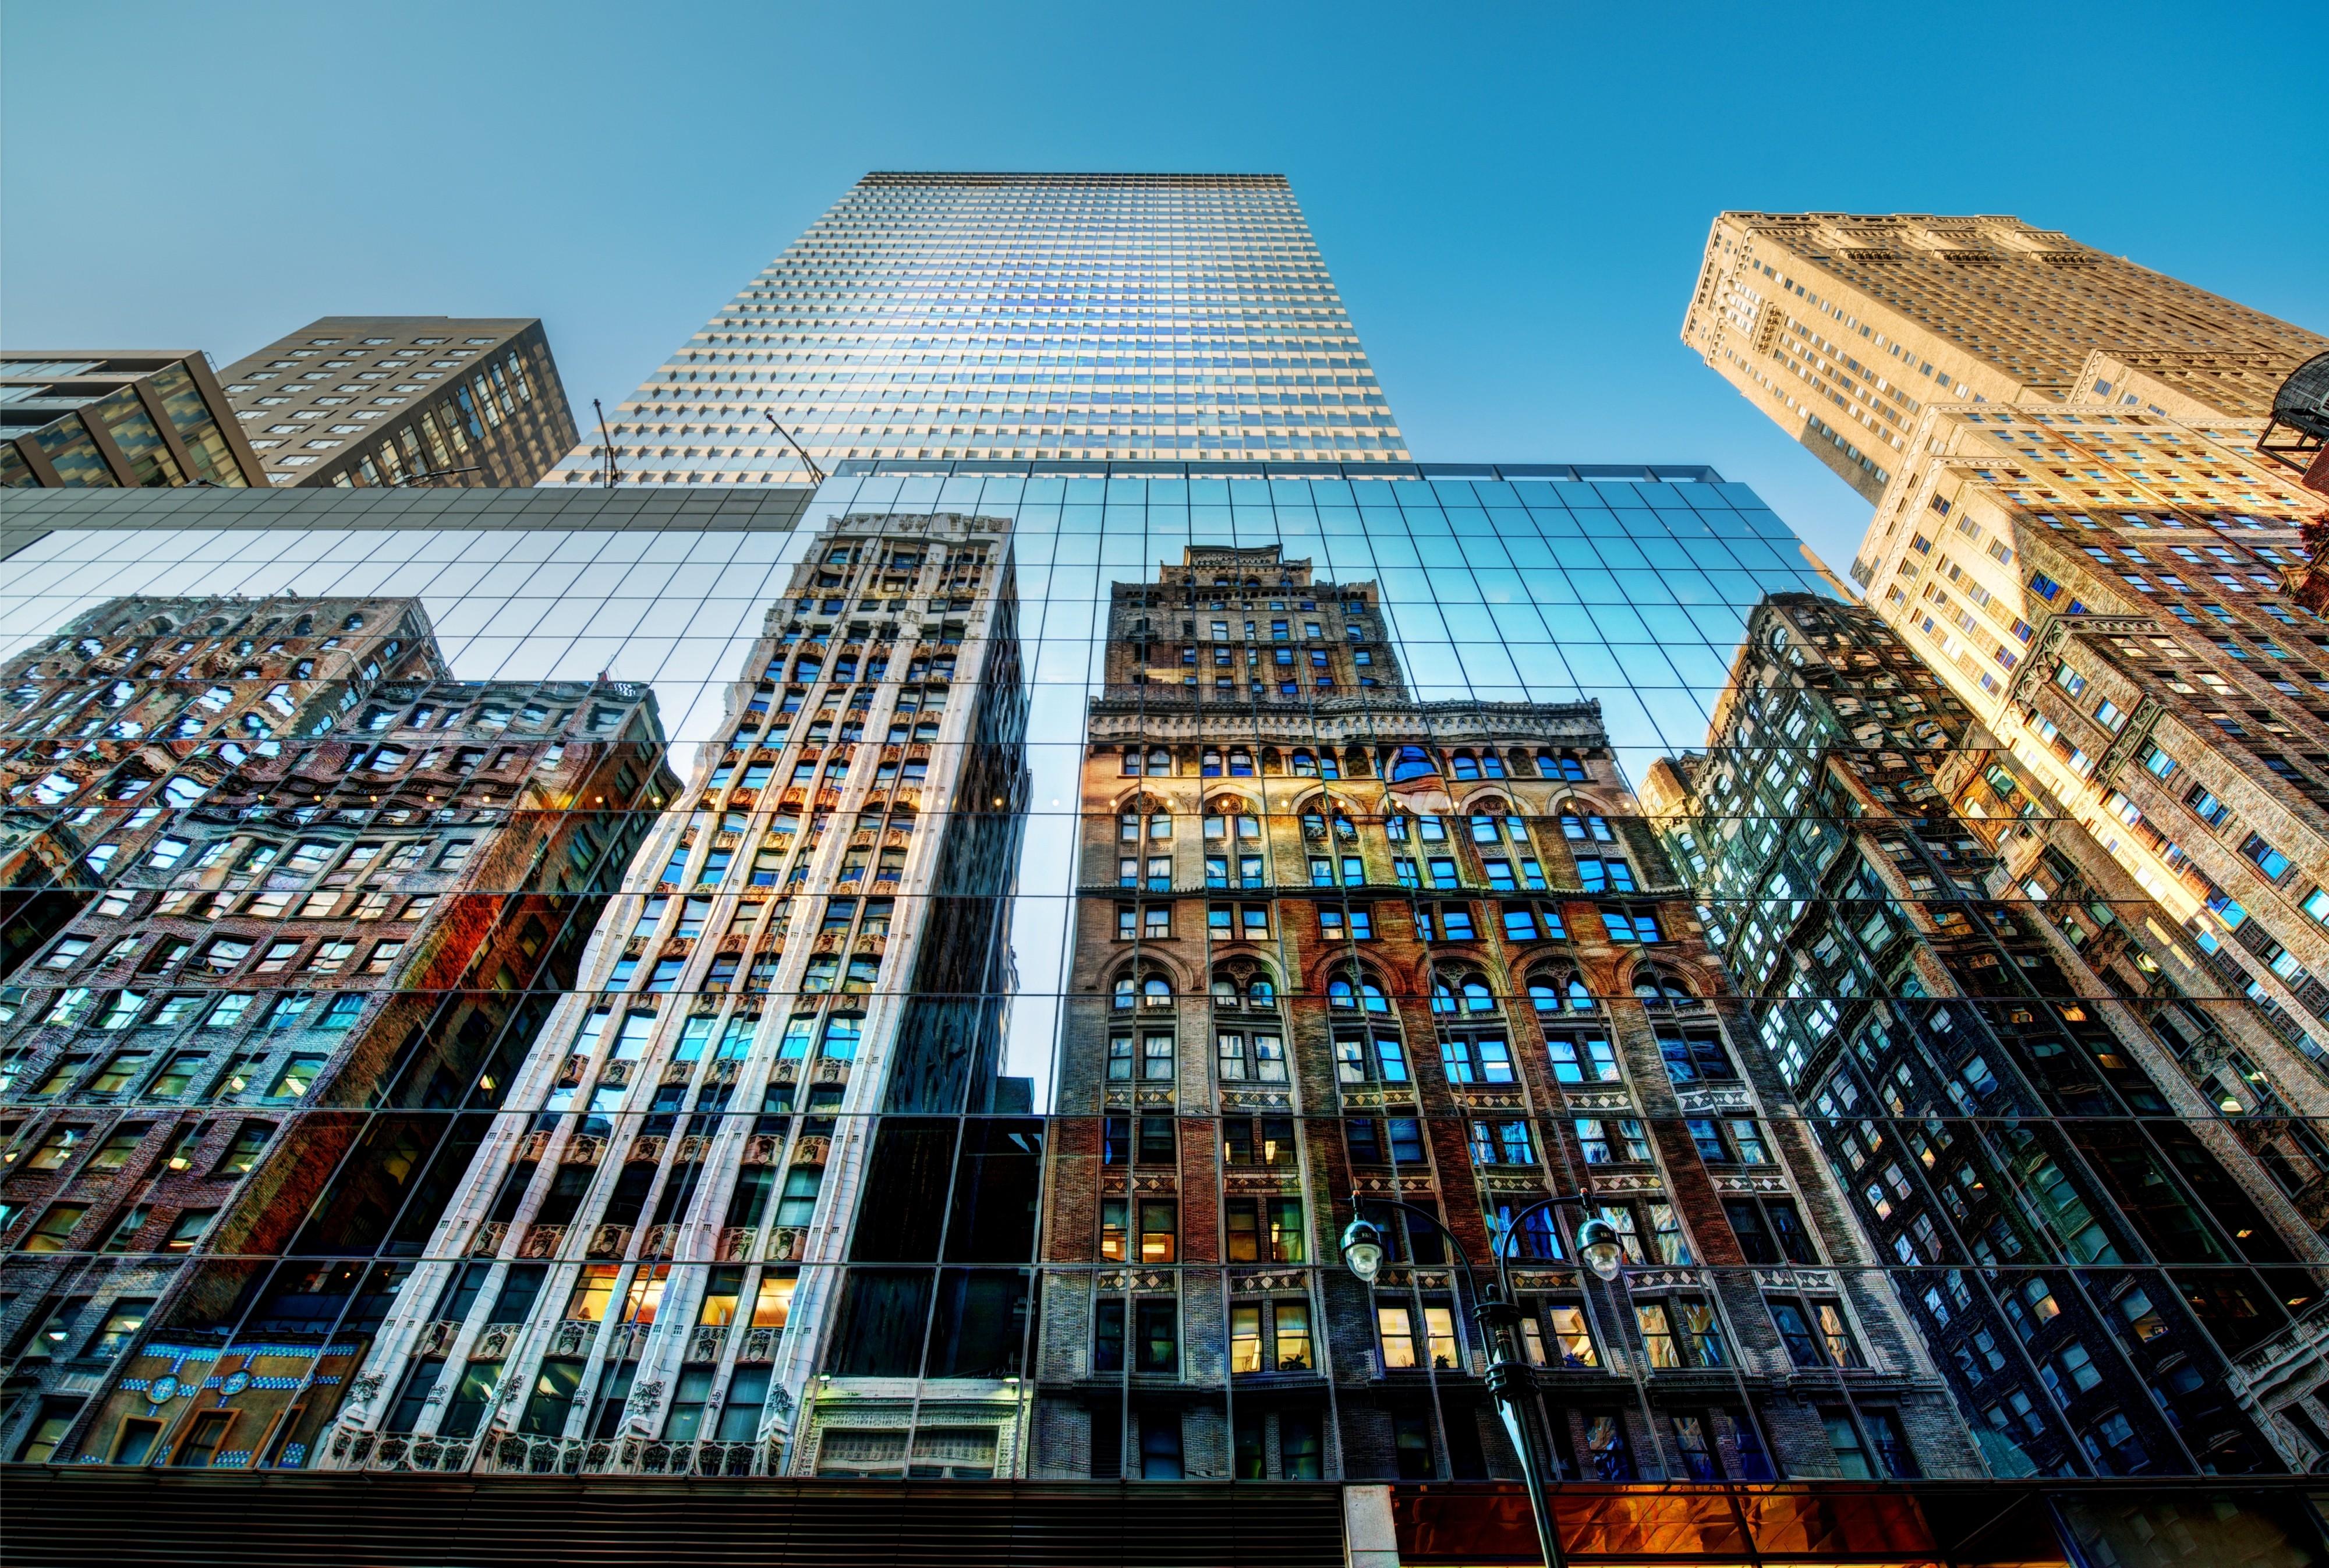 вернется состав фото красивых зданий на рабочий стол предпочитаю снимать тех